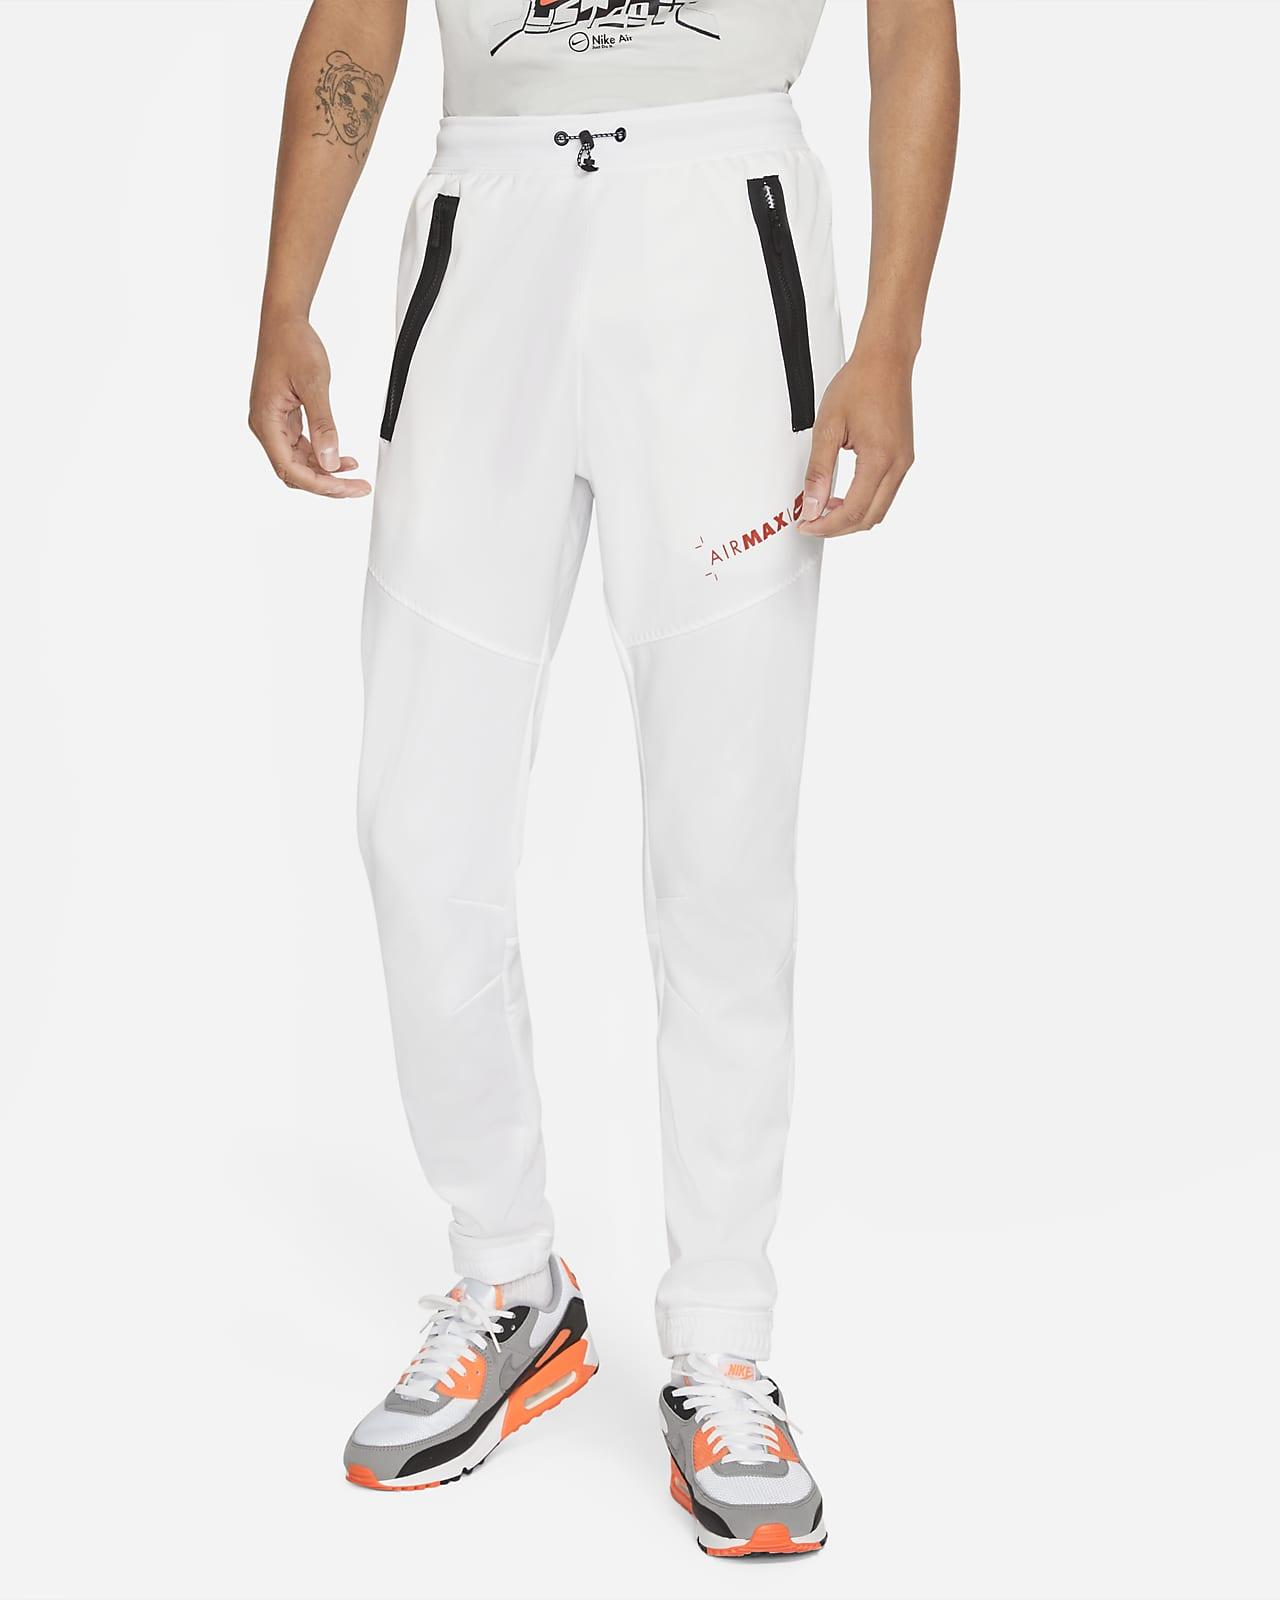 Pánské flísové kalhoty Nike Sportswear Air Max